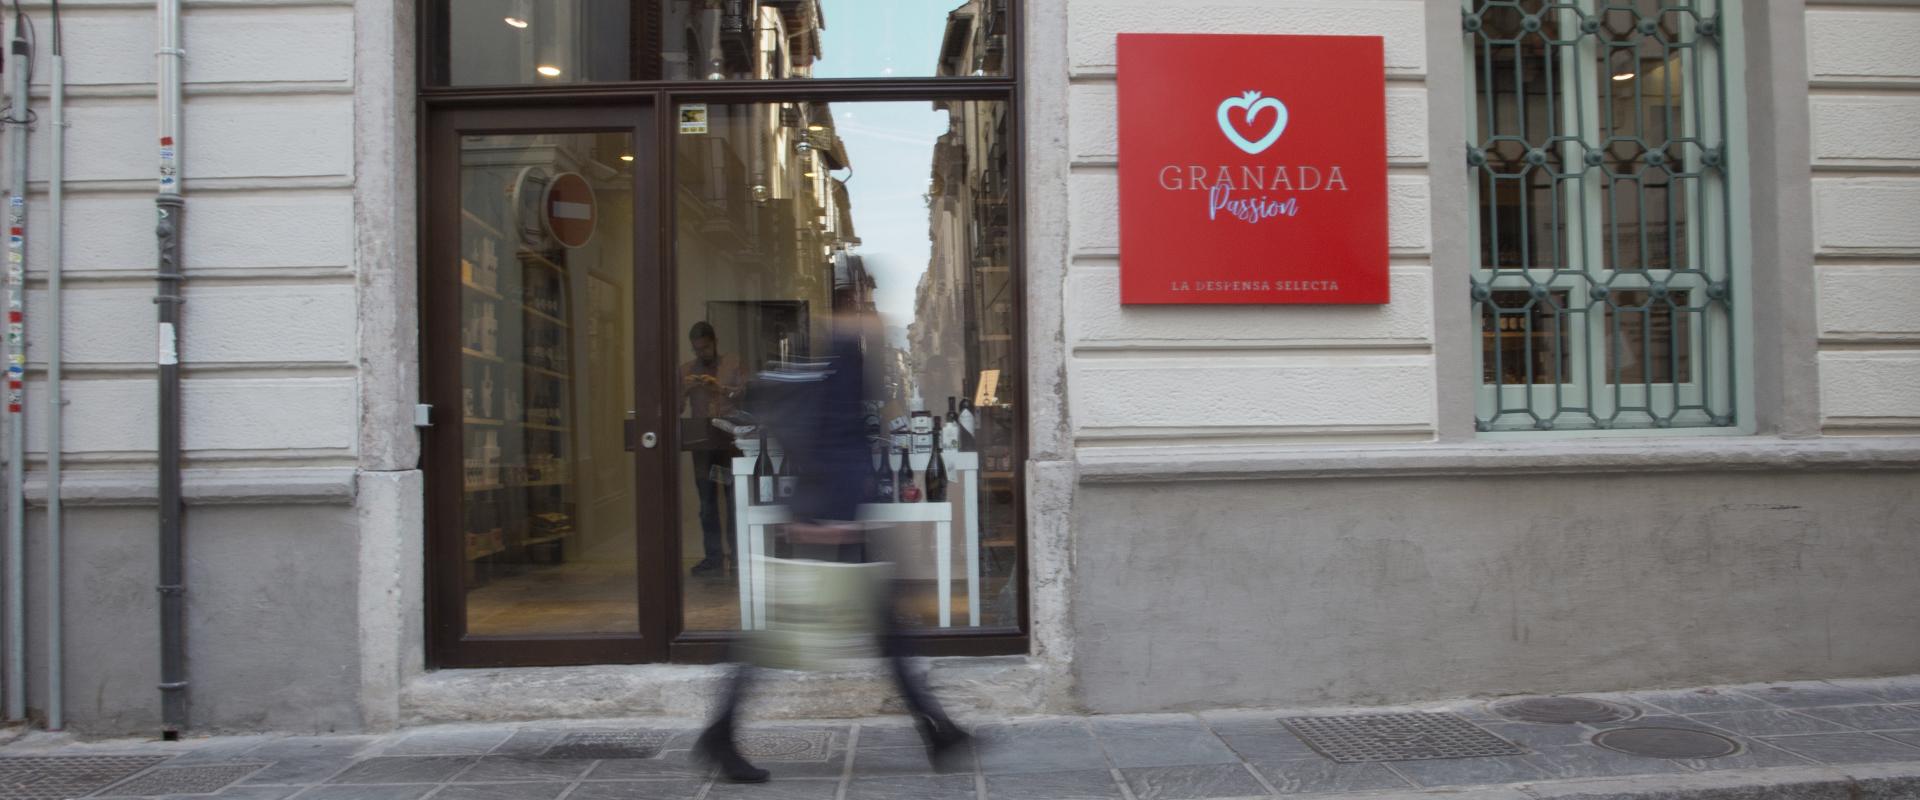 Imagen Granada Passion img-total